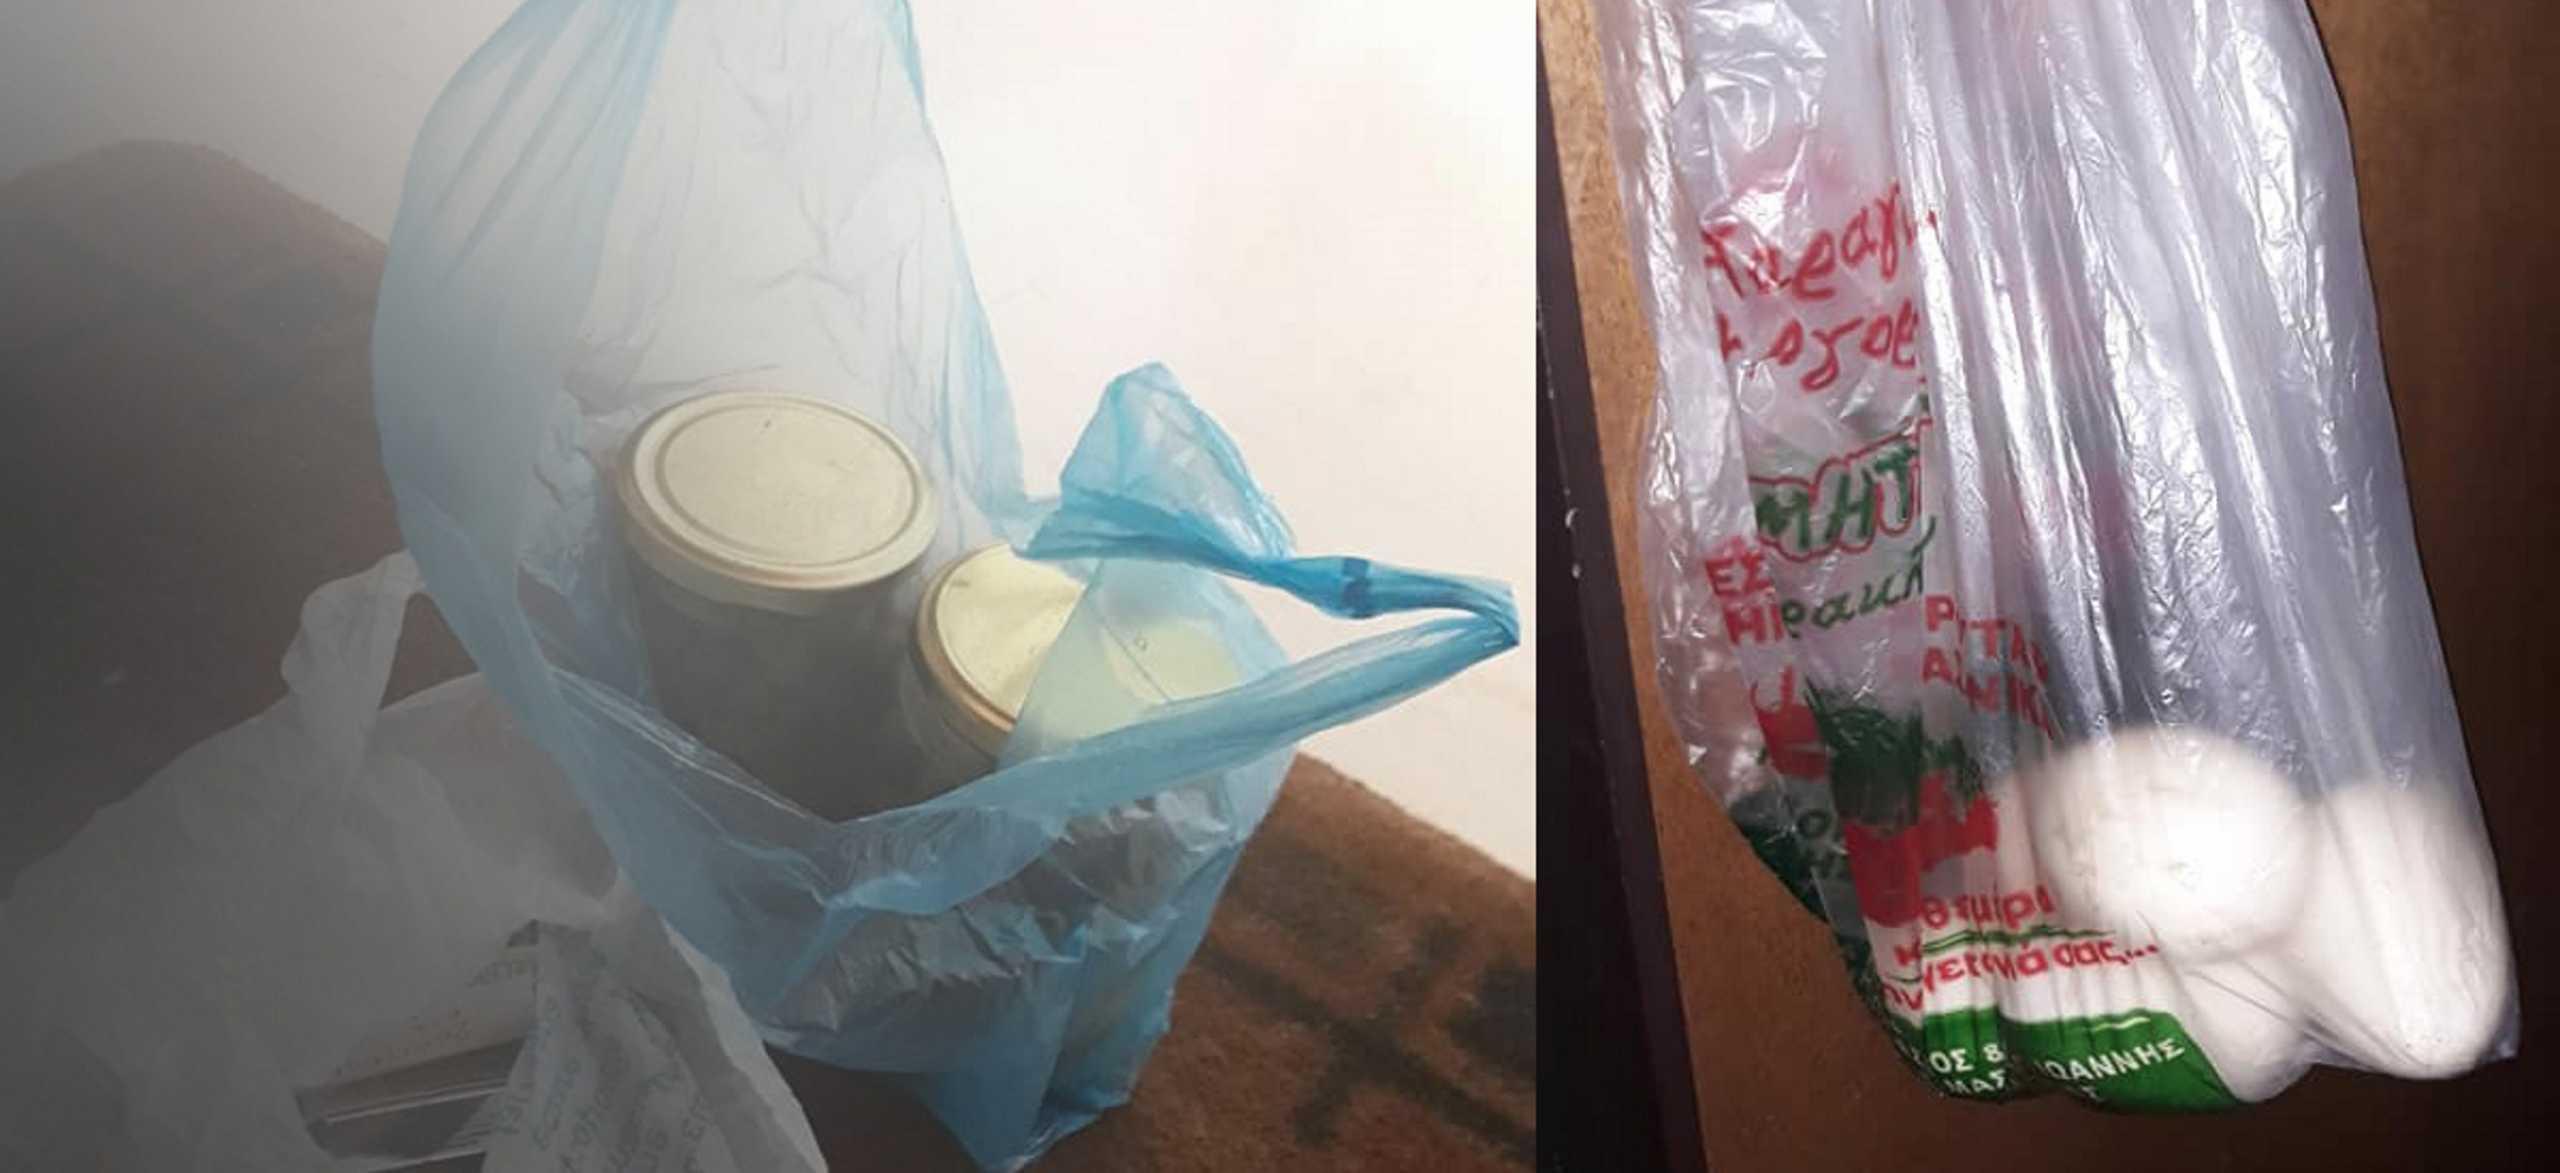 Ηράκλειο – Κορονοϊός: Γείτονες αφήνουν «καλούδια» στην πόρτα οικογένειας σε καραντίνα (pics)